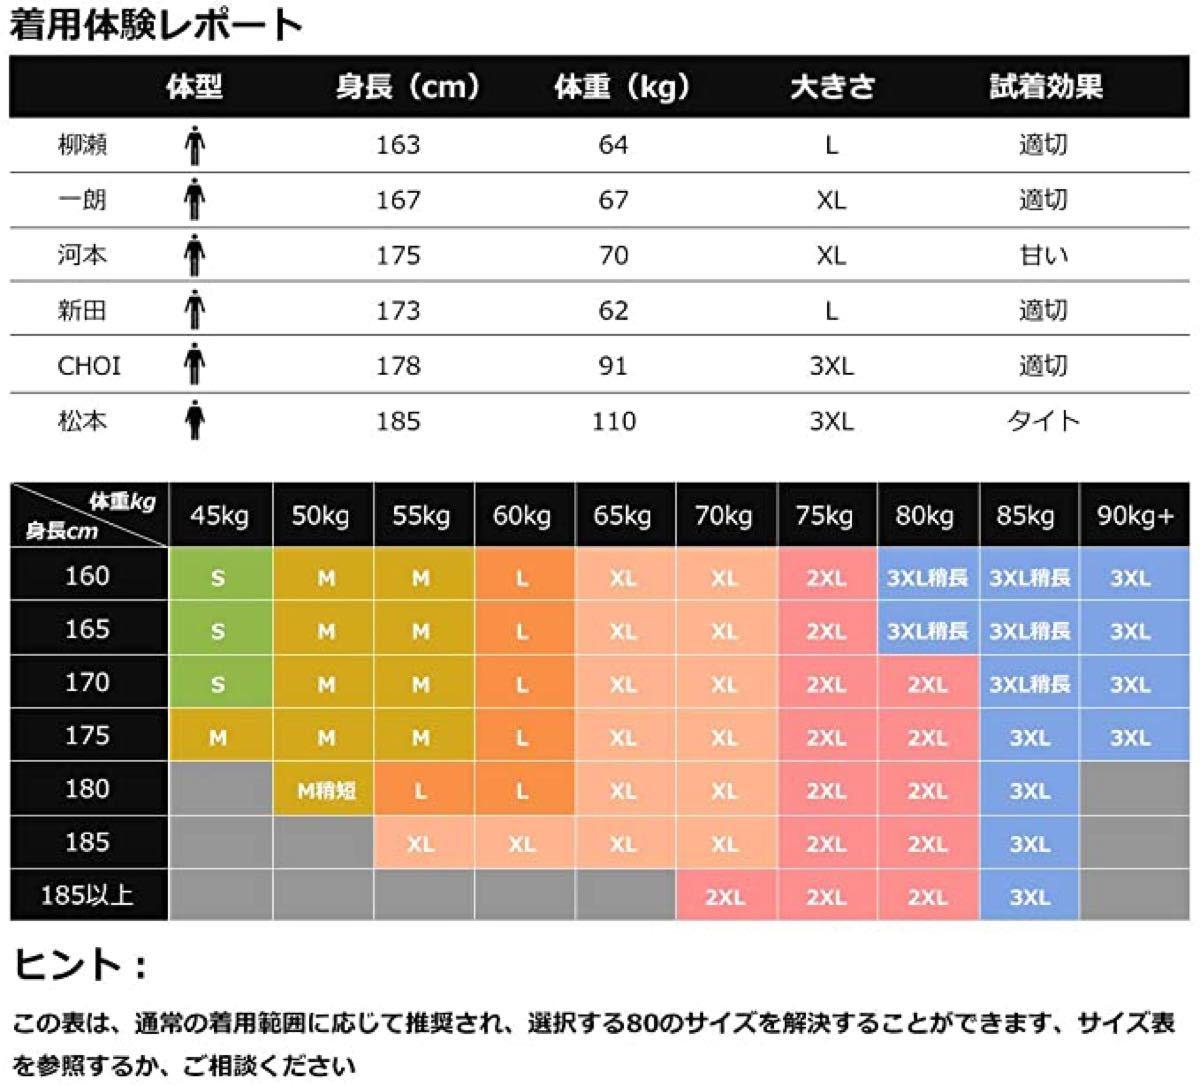 BOOMCOOLトレーニングウェア メンズスポーツウェア 3点セット Lサイズ